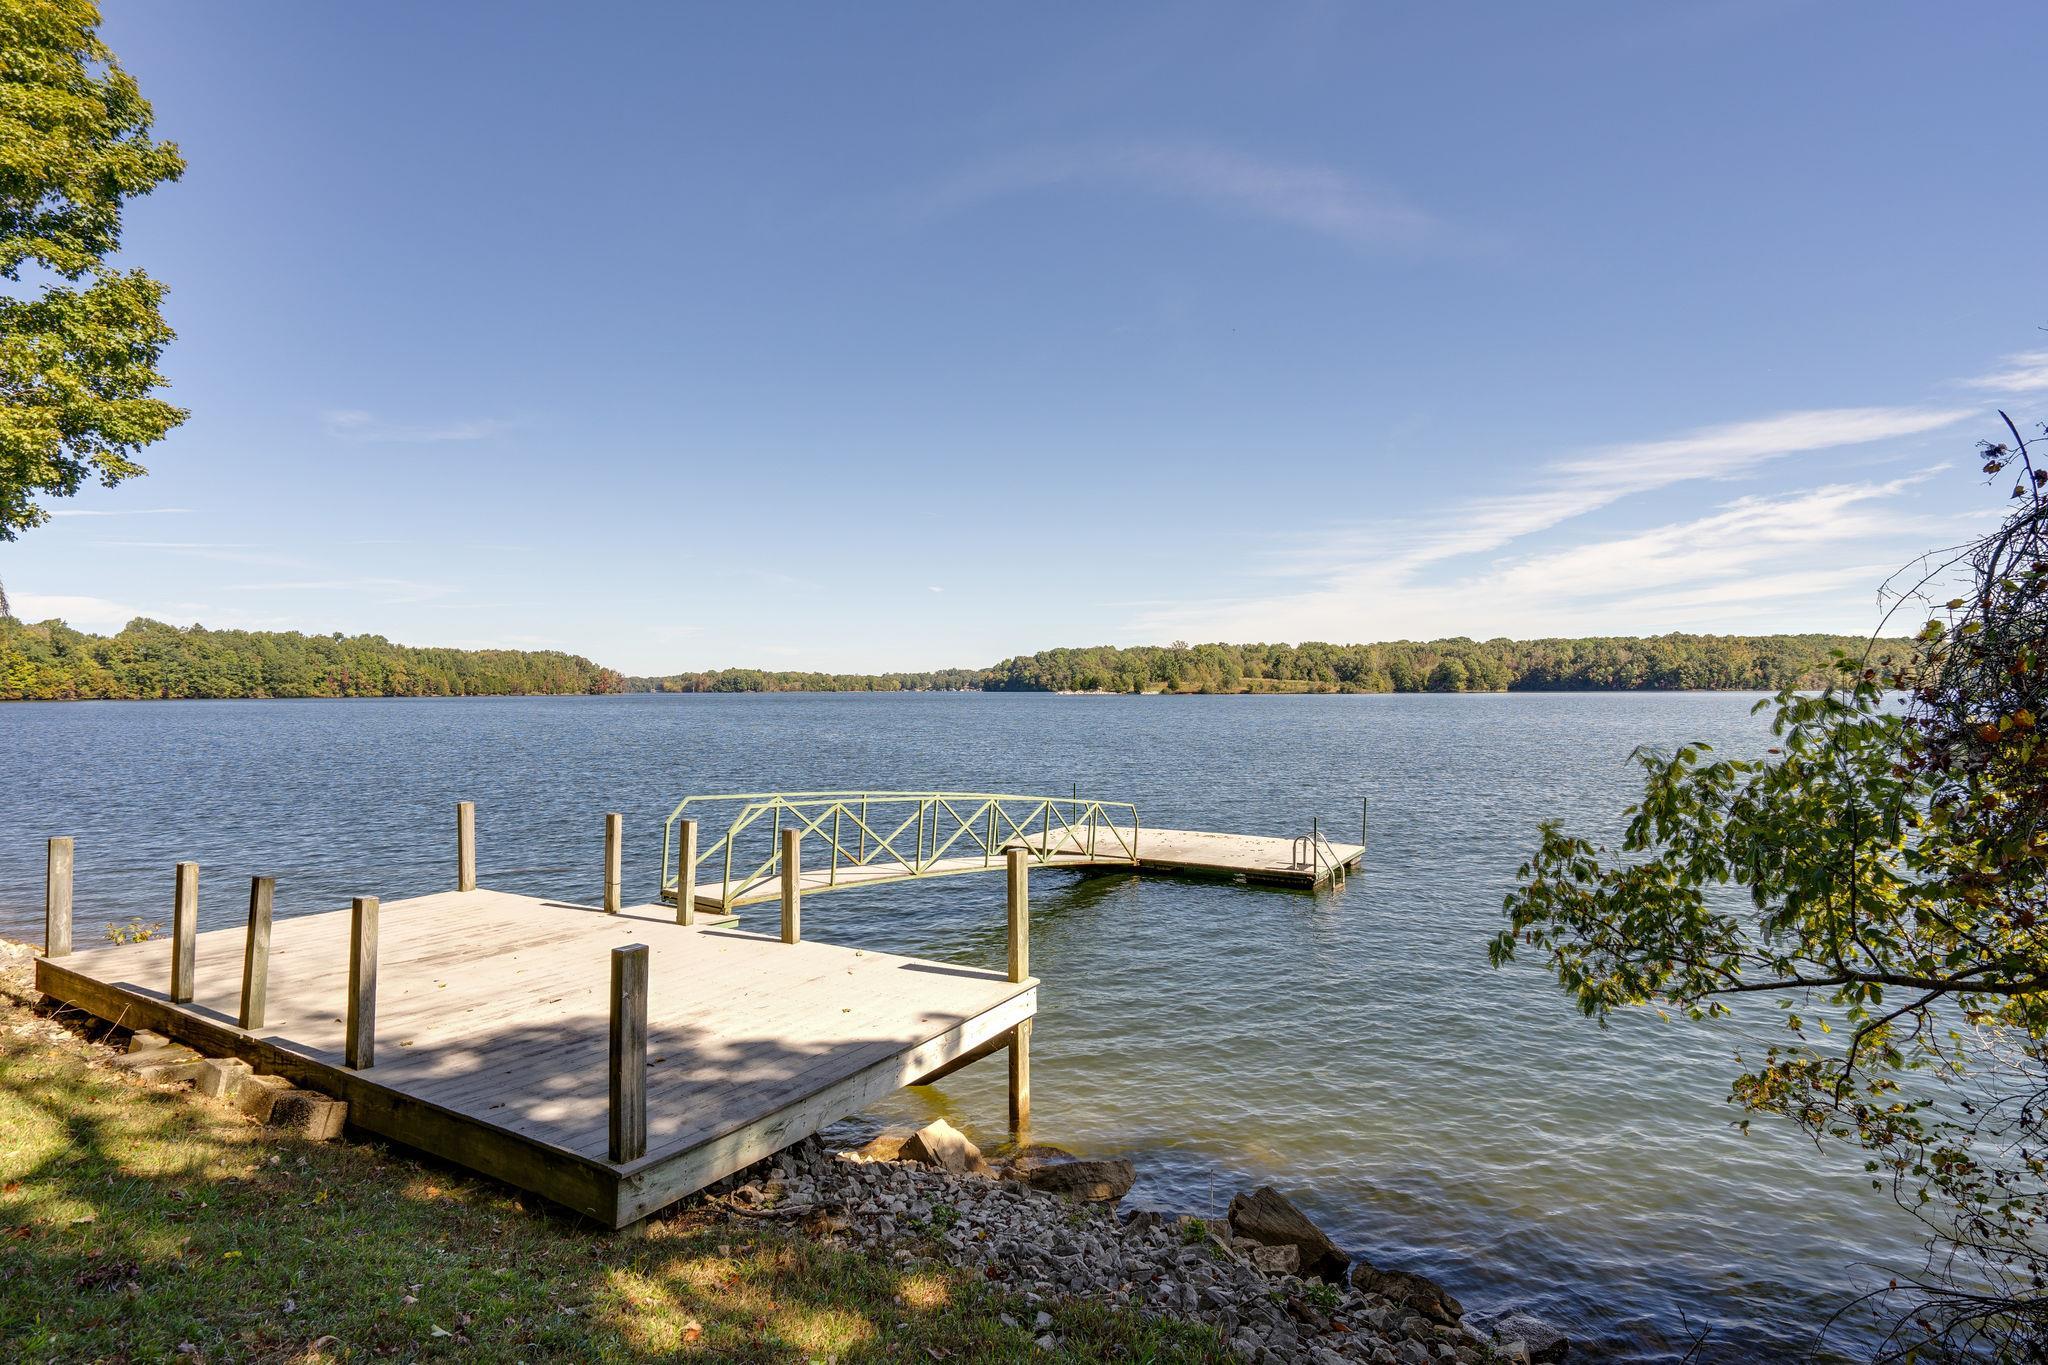 798 Magnolia Dr, Winchester, TN 37398 - Winchester, TN real estate listing